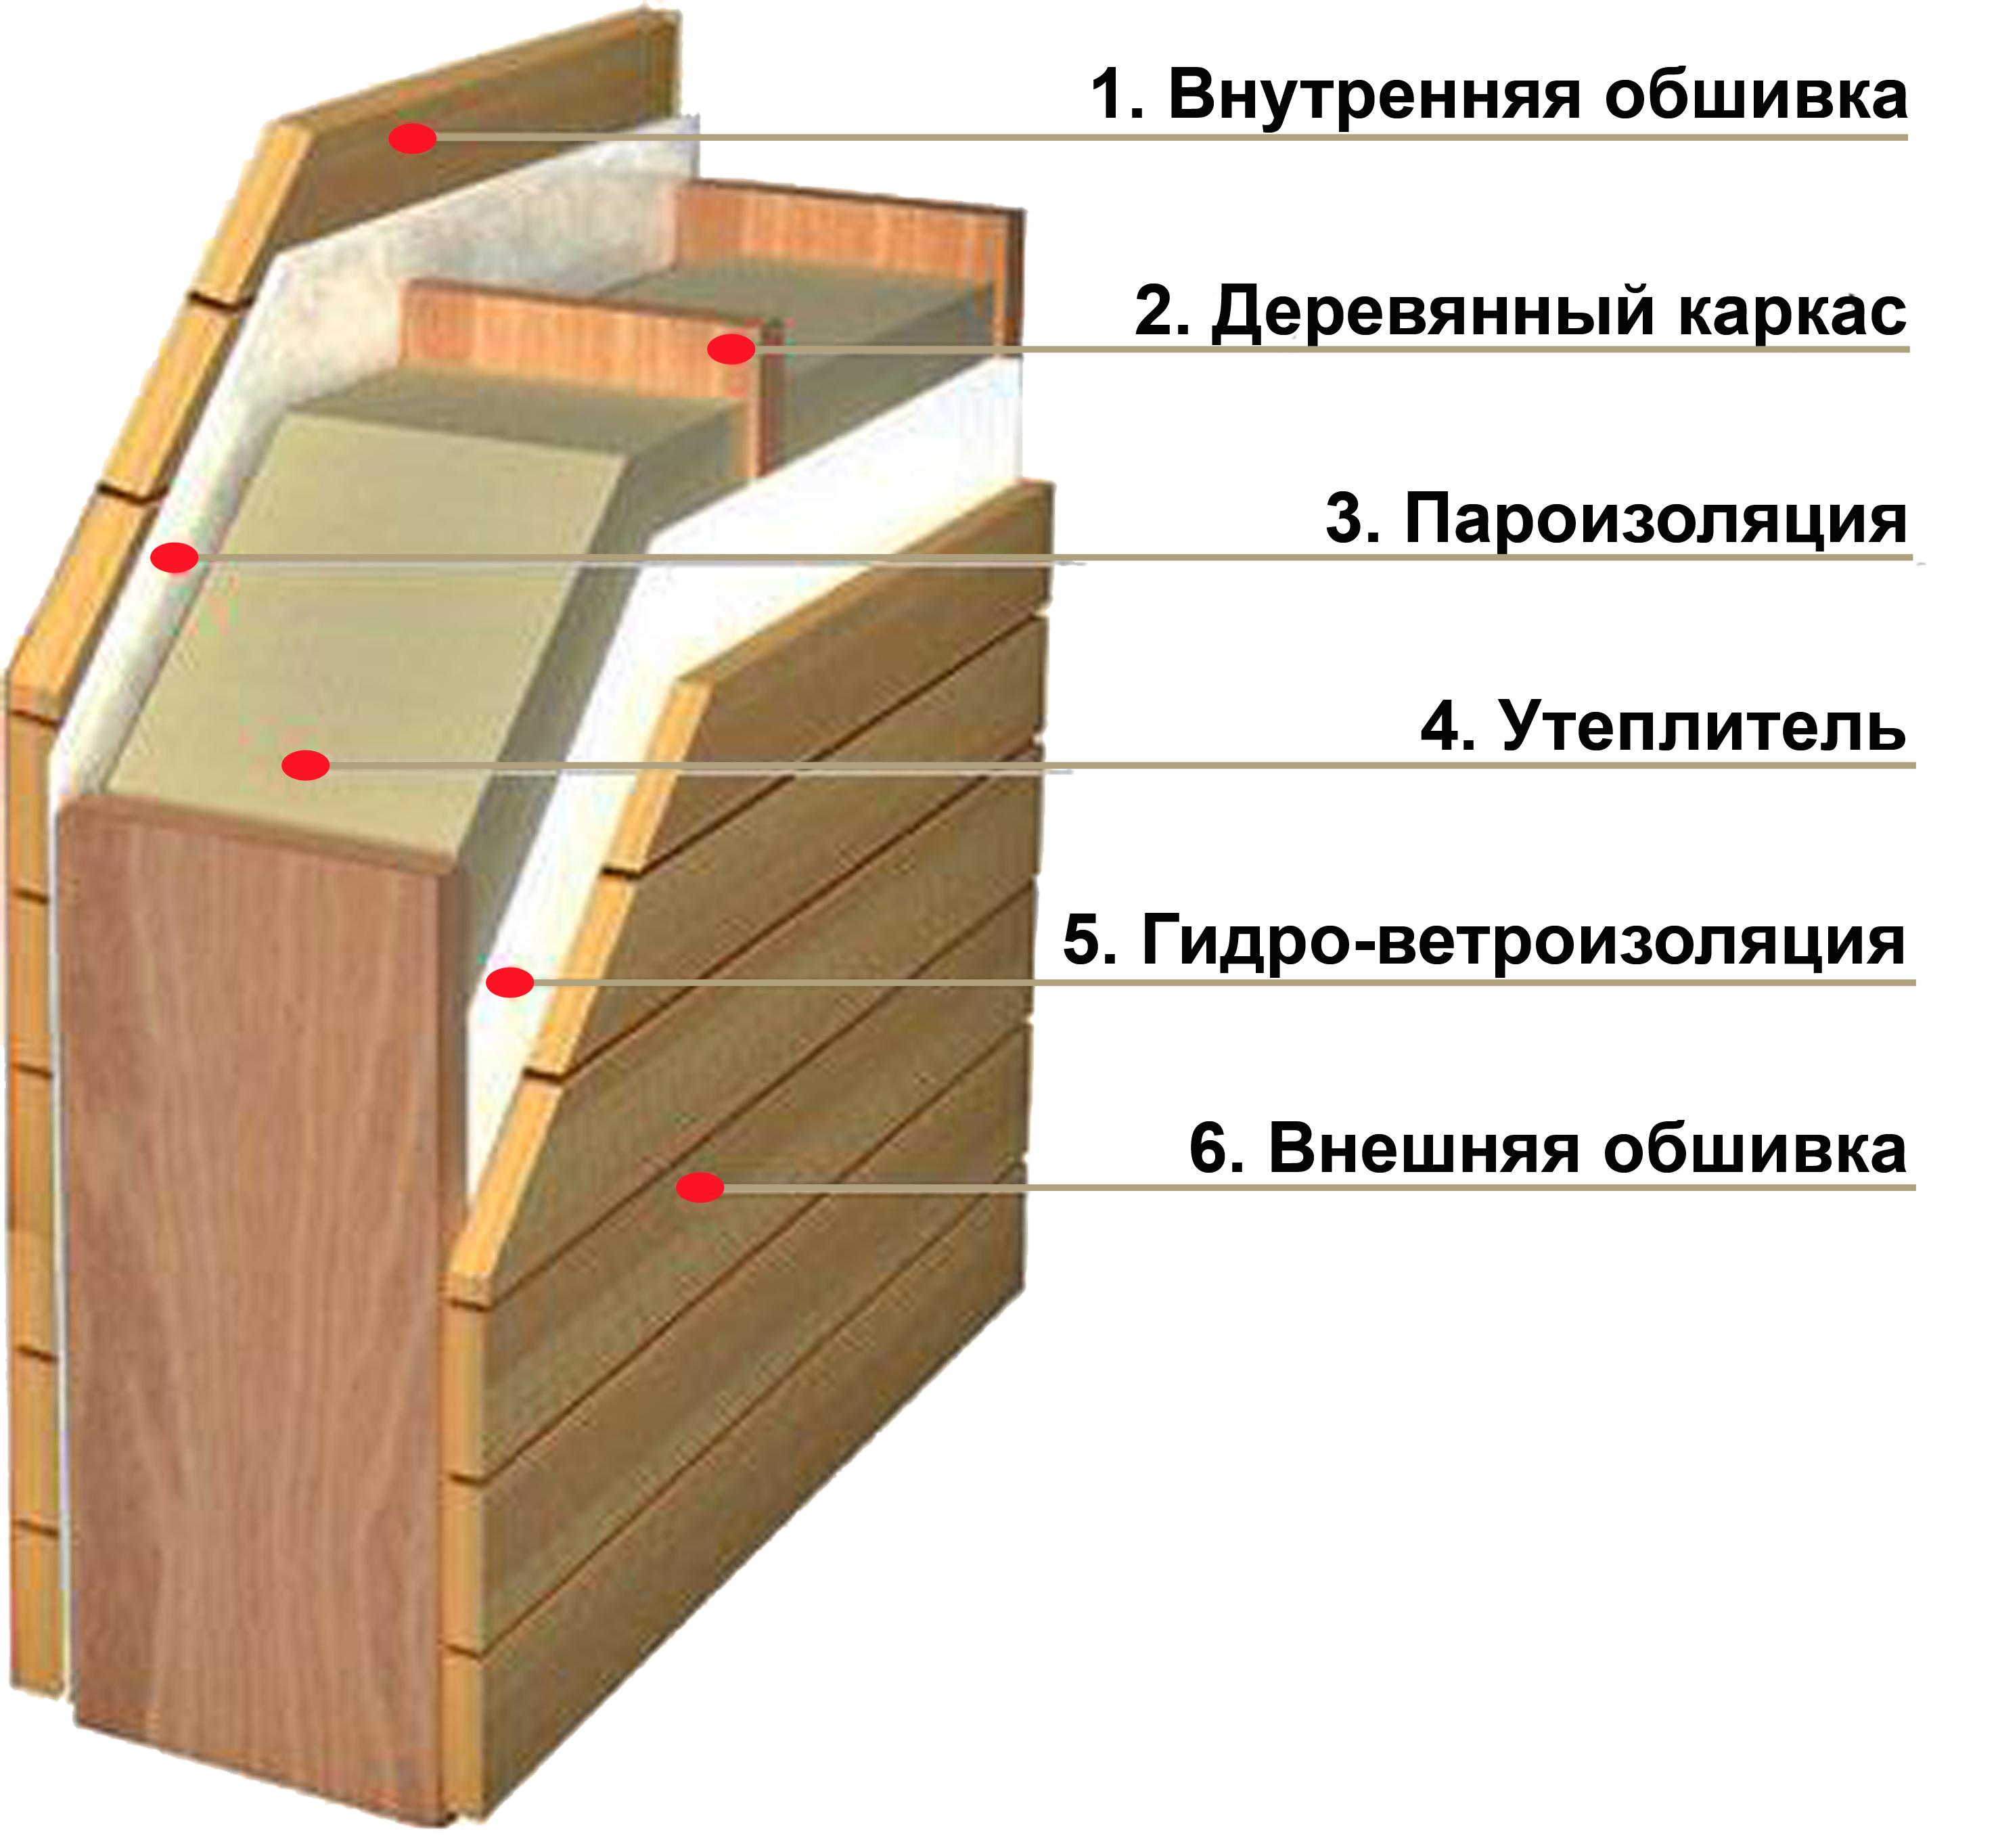 Каркасная перегородка в бане: установка, монтаж, устройство, как сделать своими руками